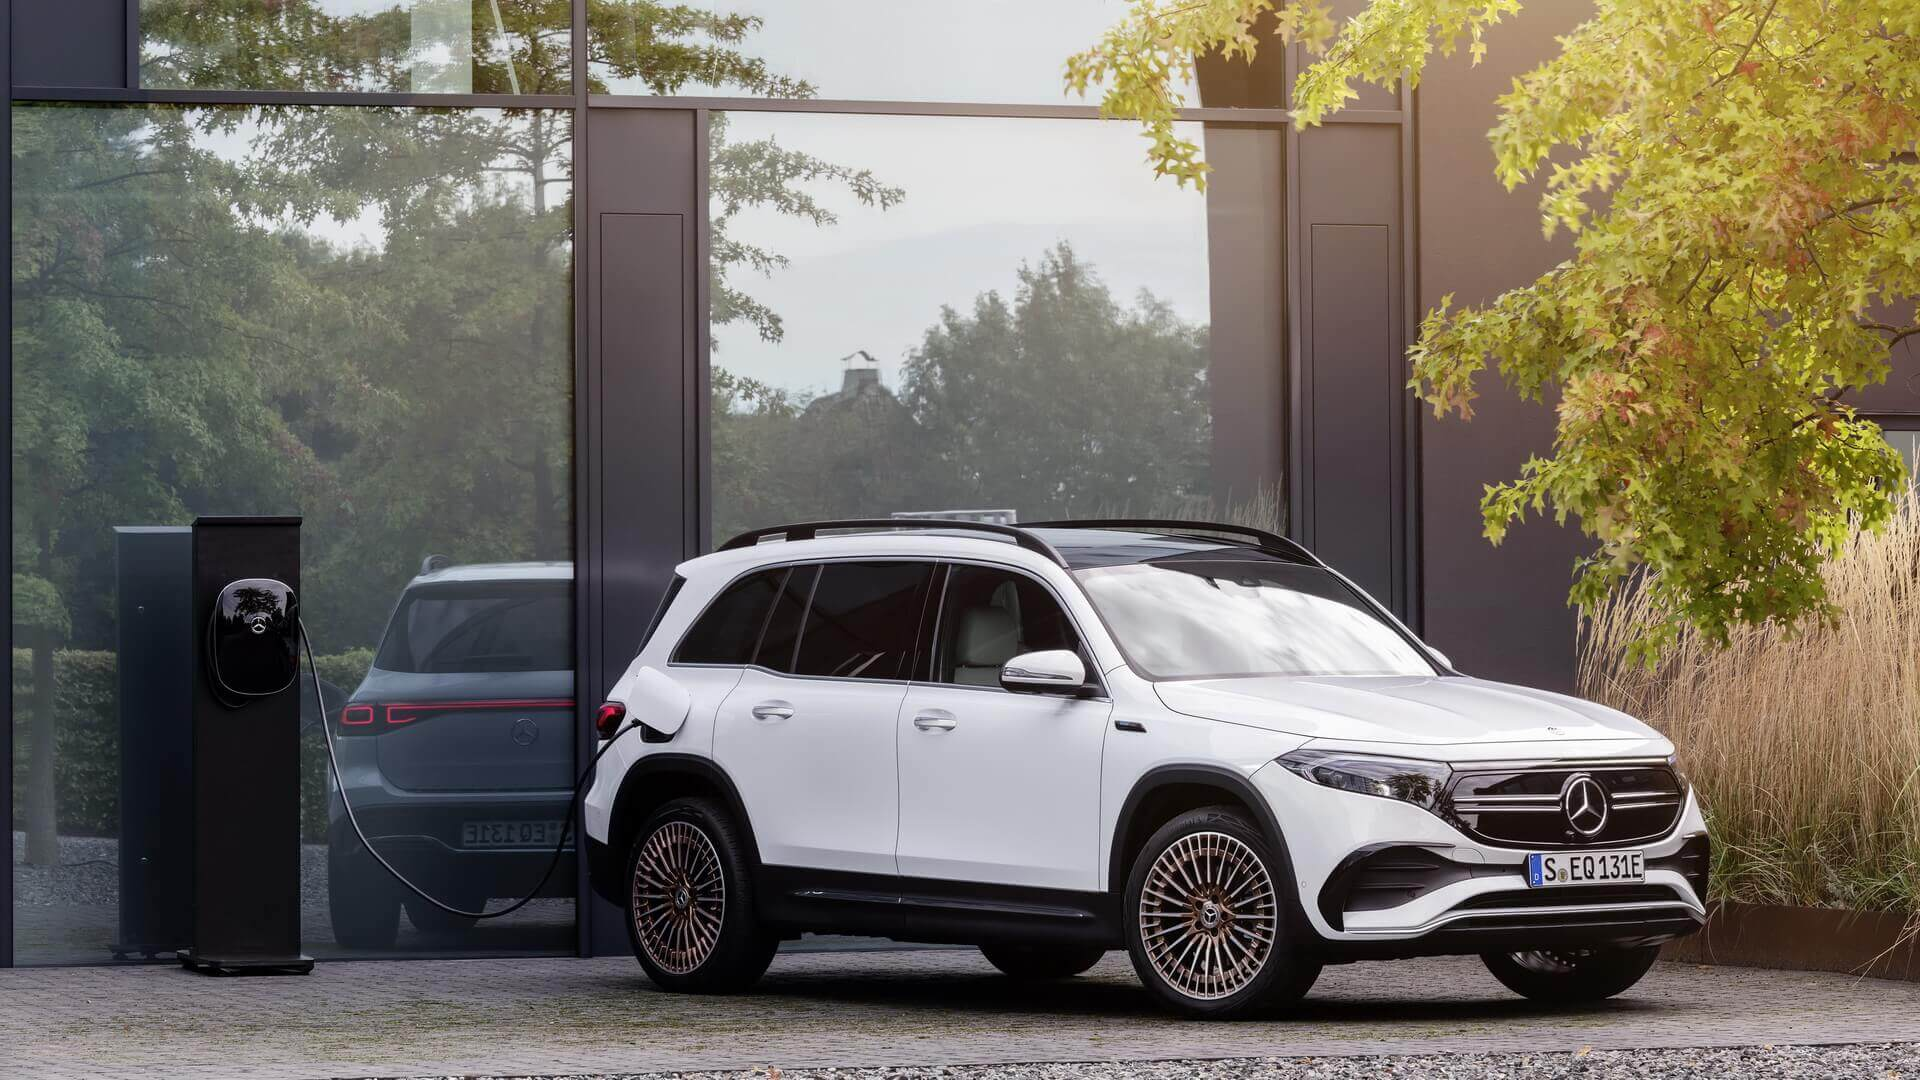 Европейская версия Mercedes-Benz EQB будет запущена в 2021 году